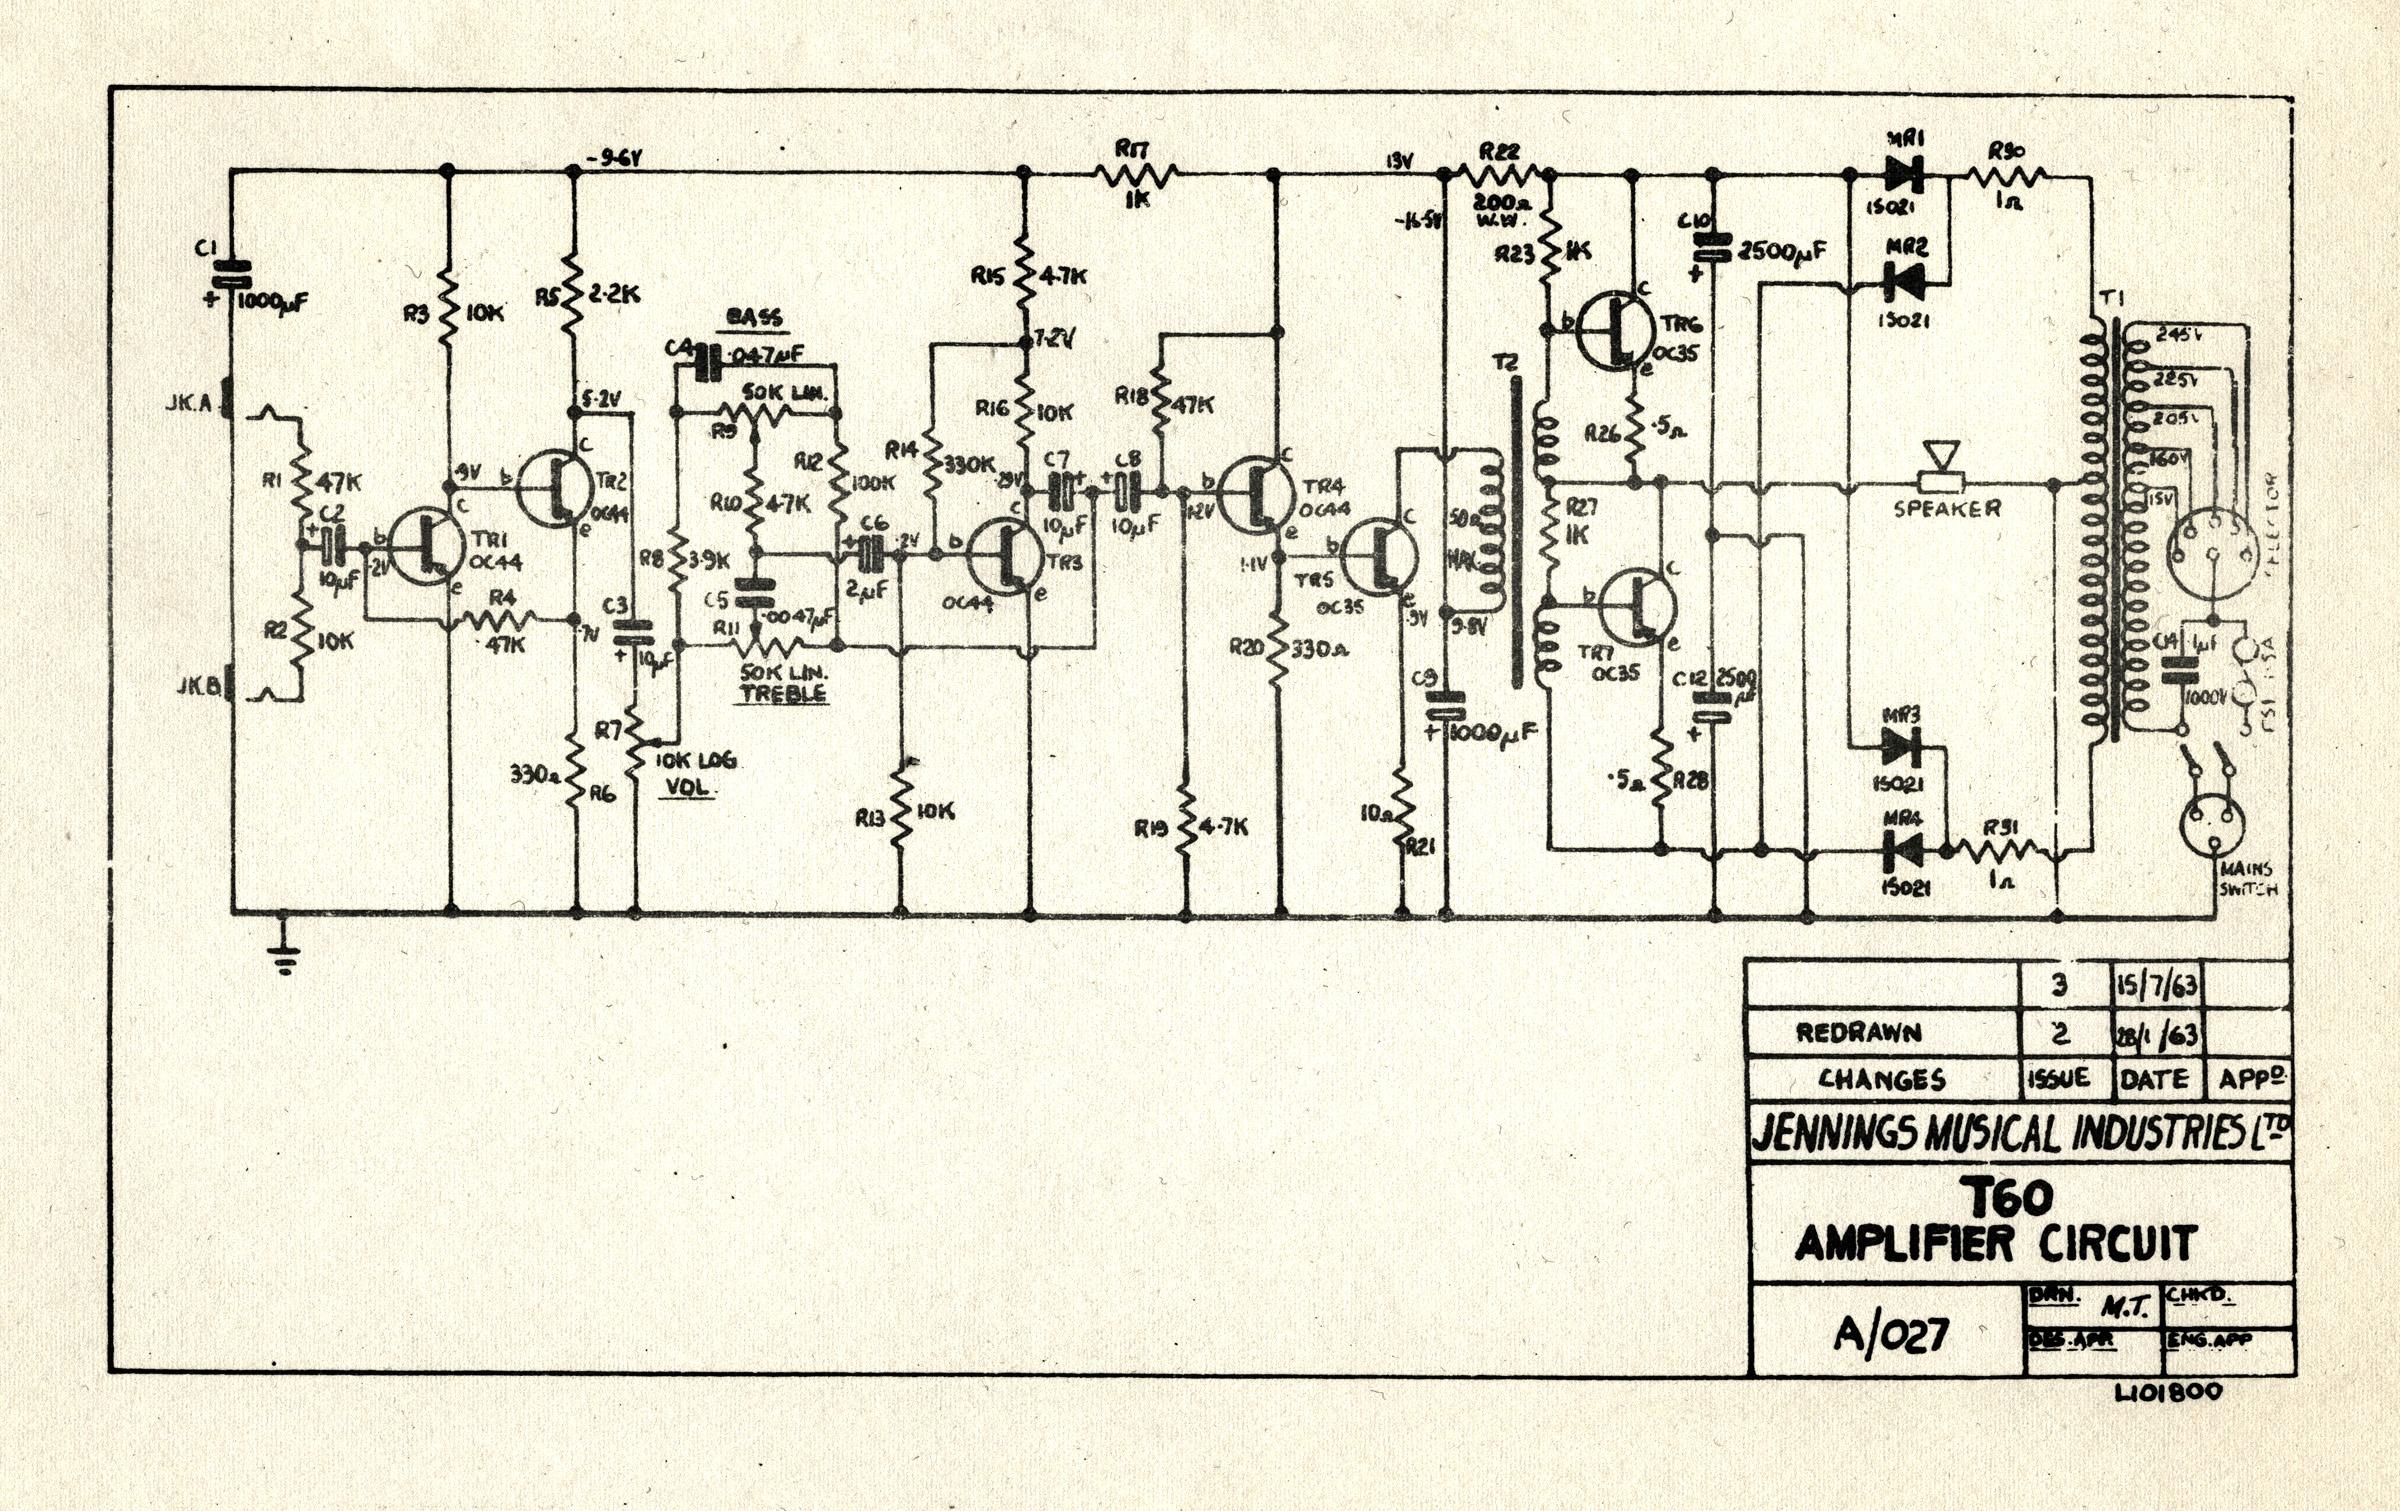 Peachy Vox T60 Schematics Wiring 101 Photwellnesstrialsorg